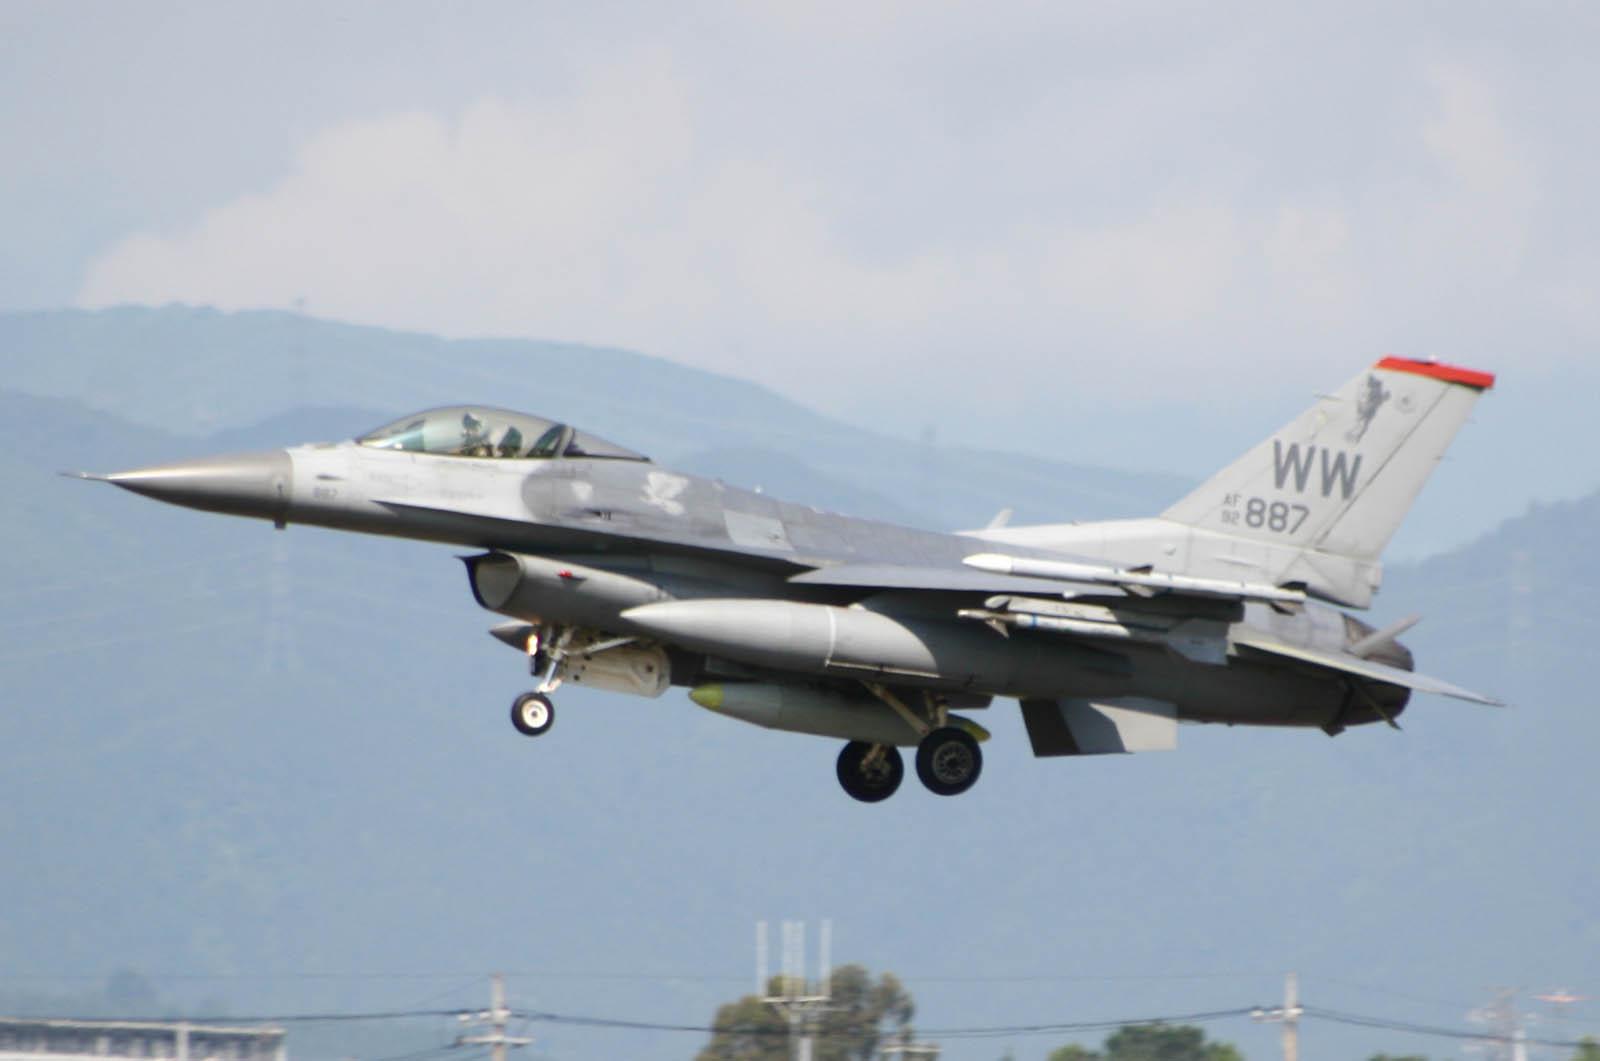 F16cj120530g996